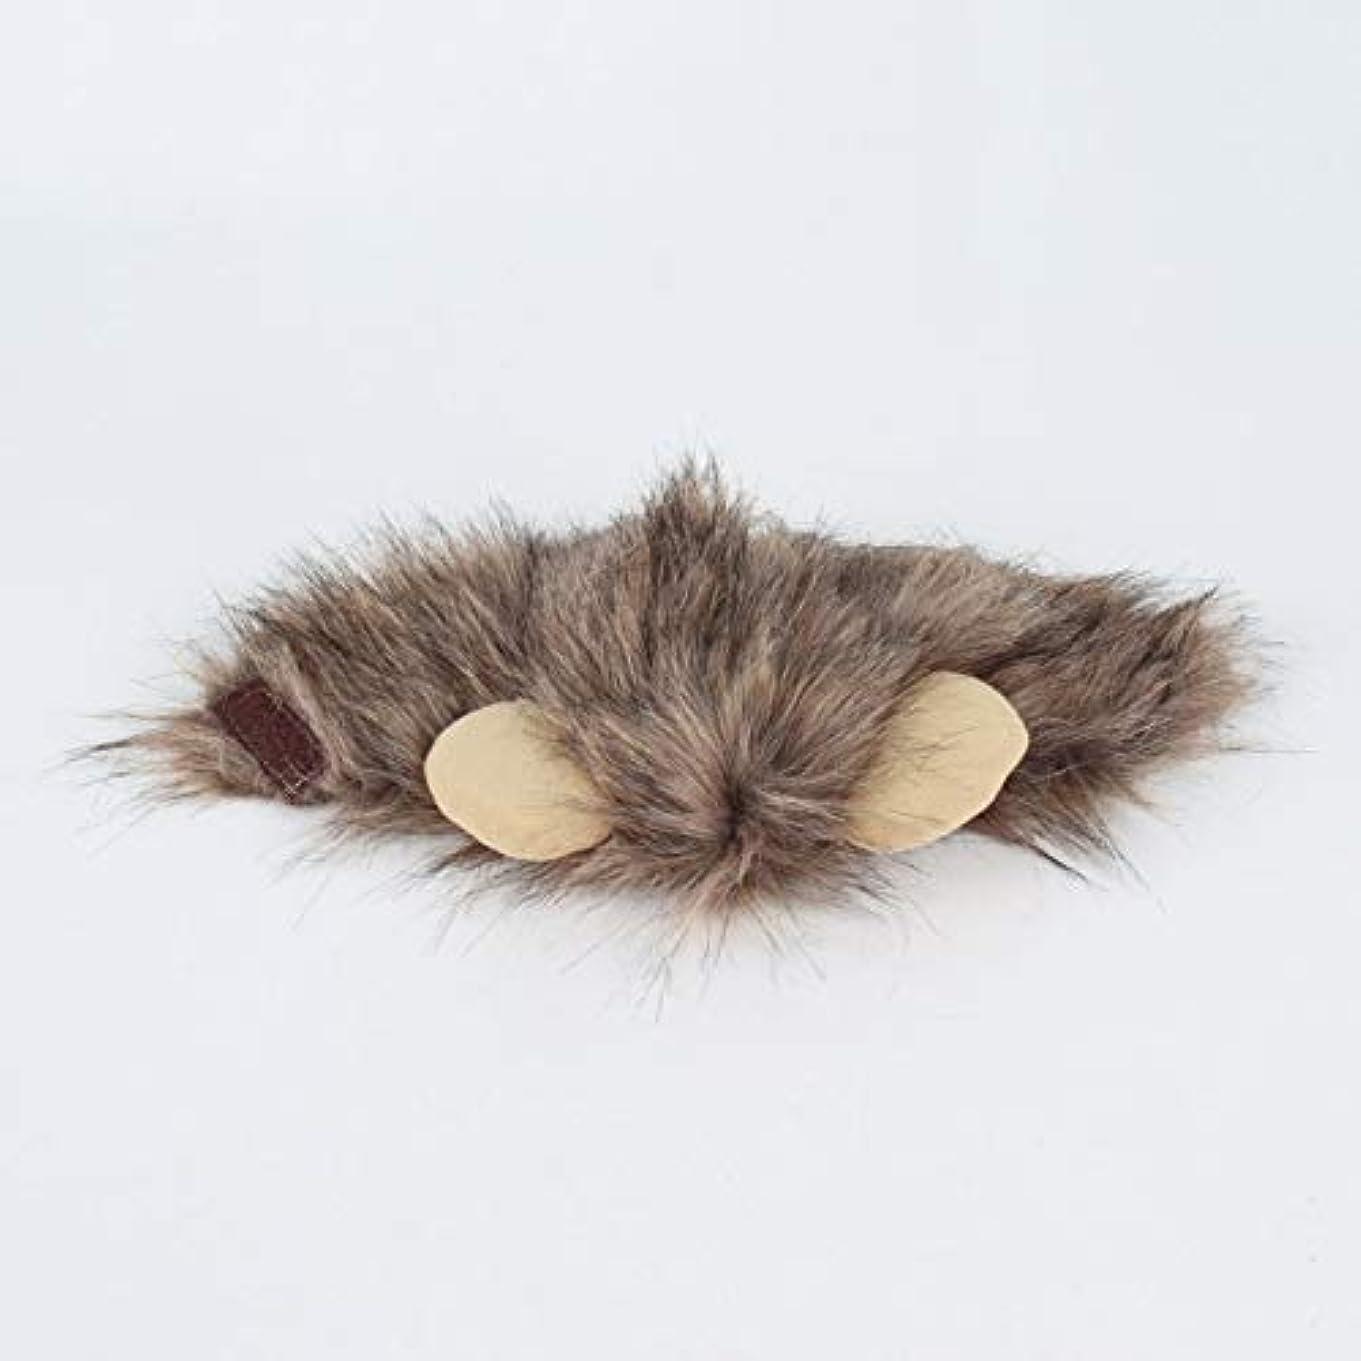 赤面これまで軽蔑するSaikogoods おかしいかわいいペットキャップコスプレライオンの形の帽子後背位キティライオンハット快適なキャットハットソフト子犬ウィッグ通気性のアニマルキャップ 褐色 M